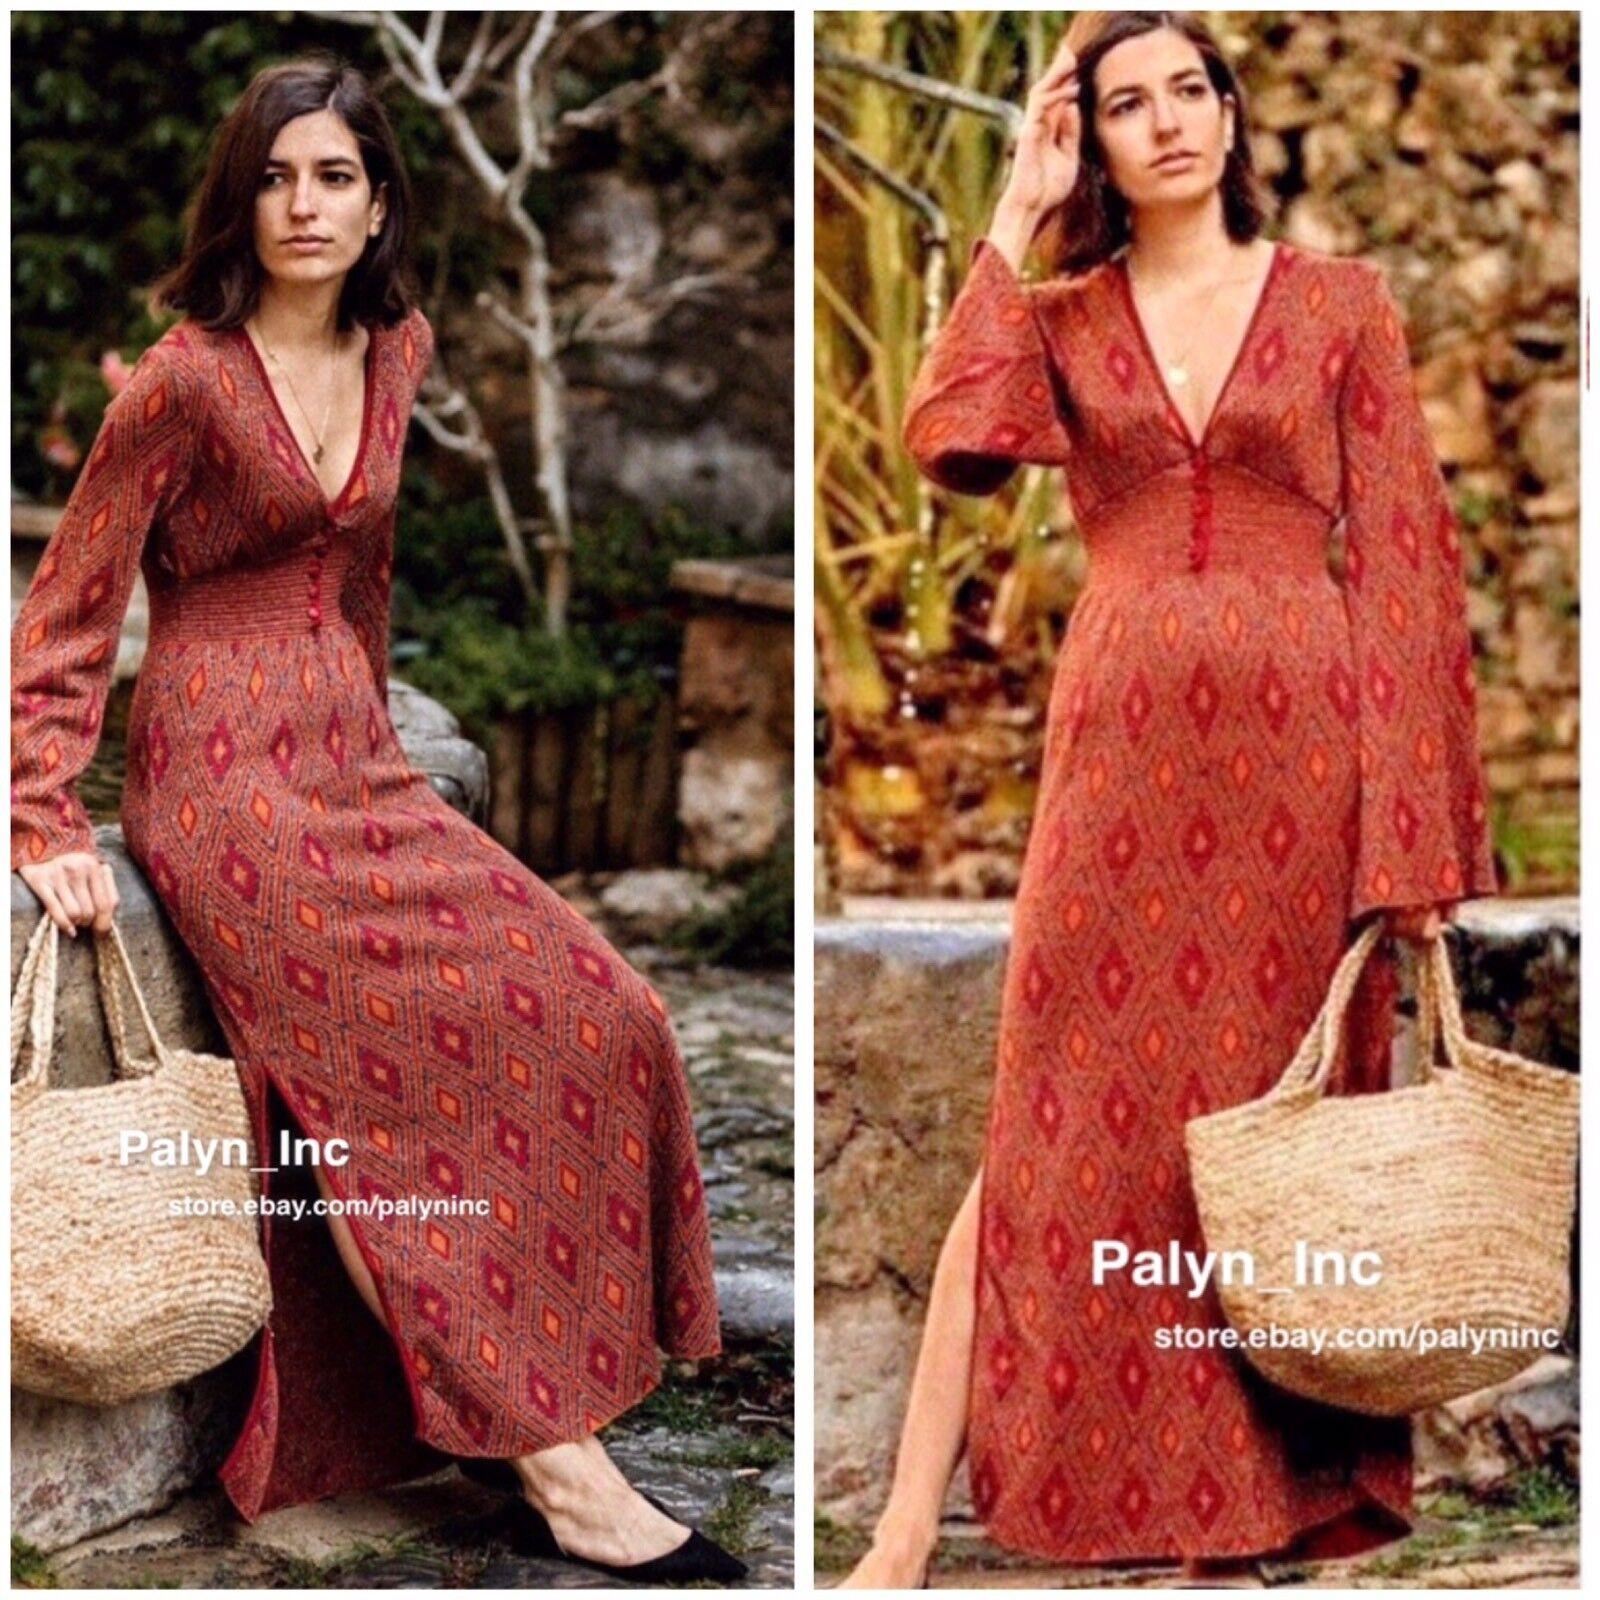 Nwt Zara SS18 Lang Strick Metallic Jacquard Kleid 6771 007 _ S